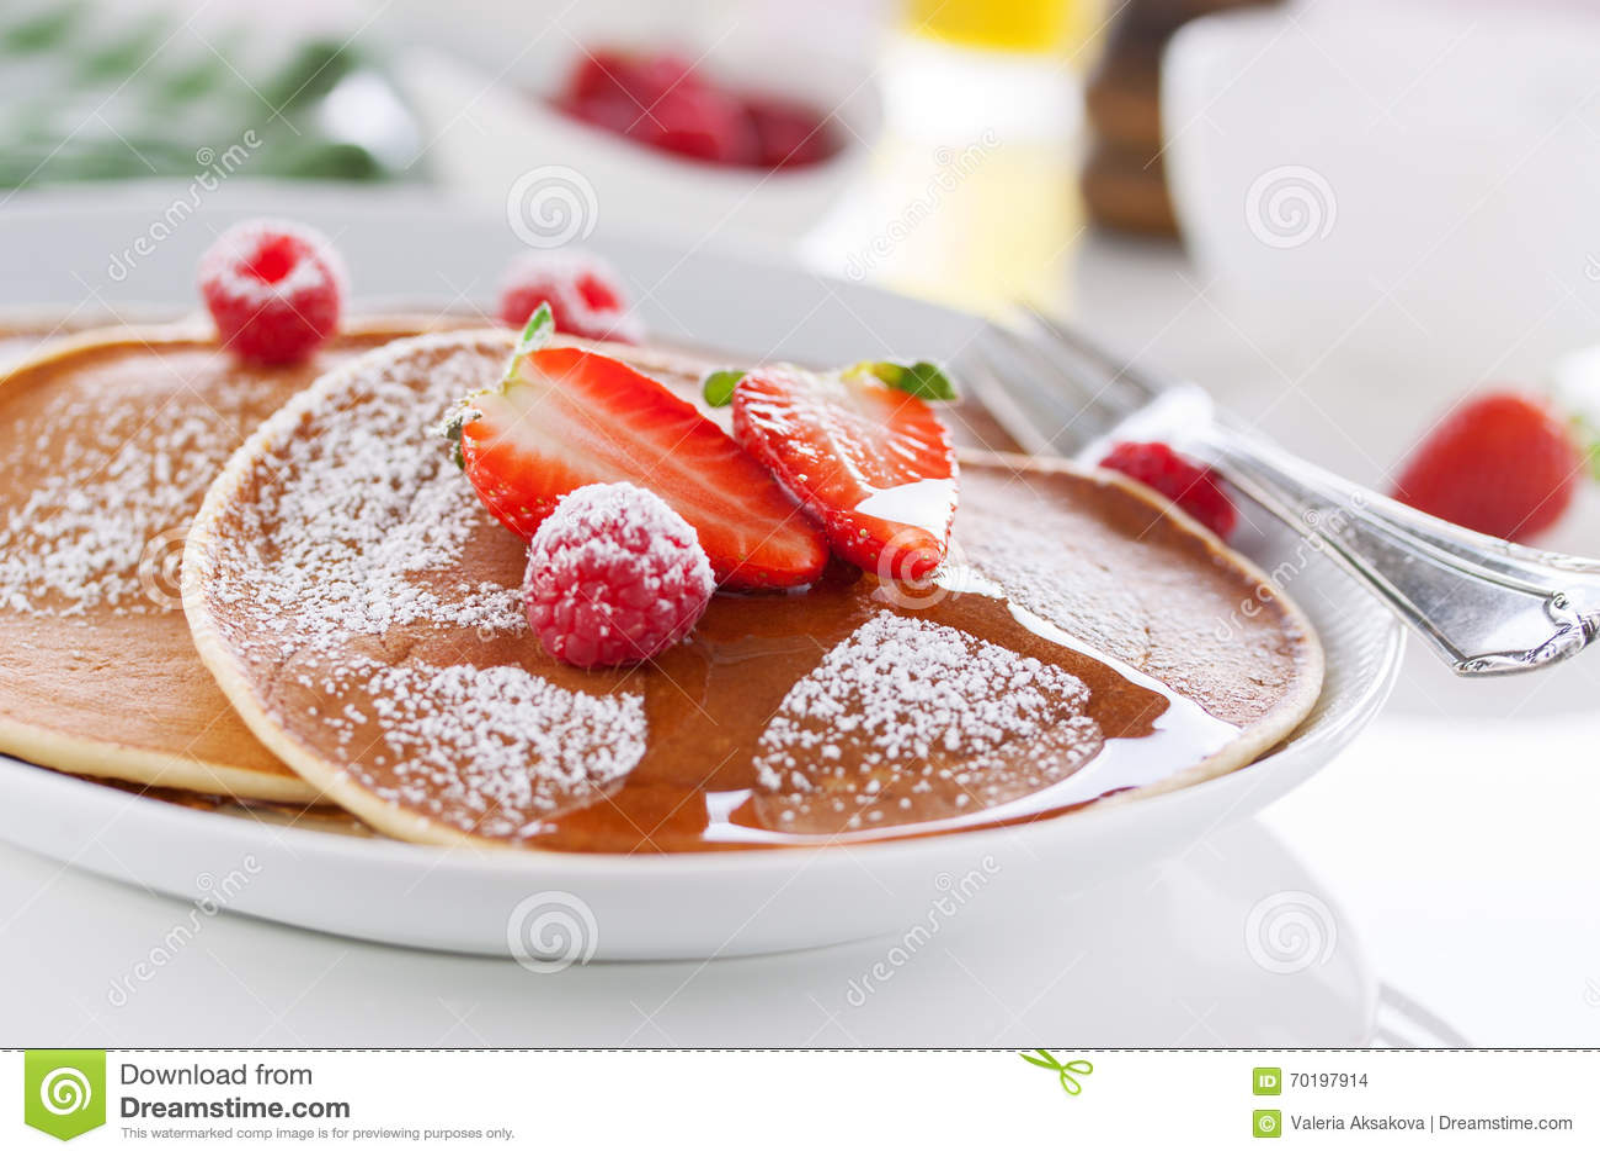 Amerikanska pannkakor för hemlagad kärnmjölk med den nya jordgubben och hallonet på en vit platta